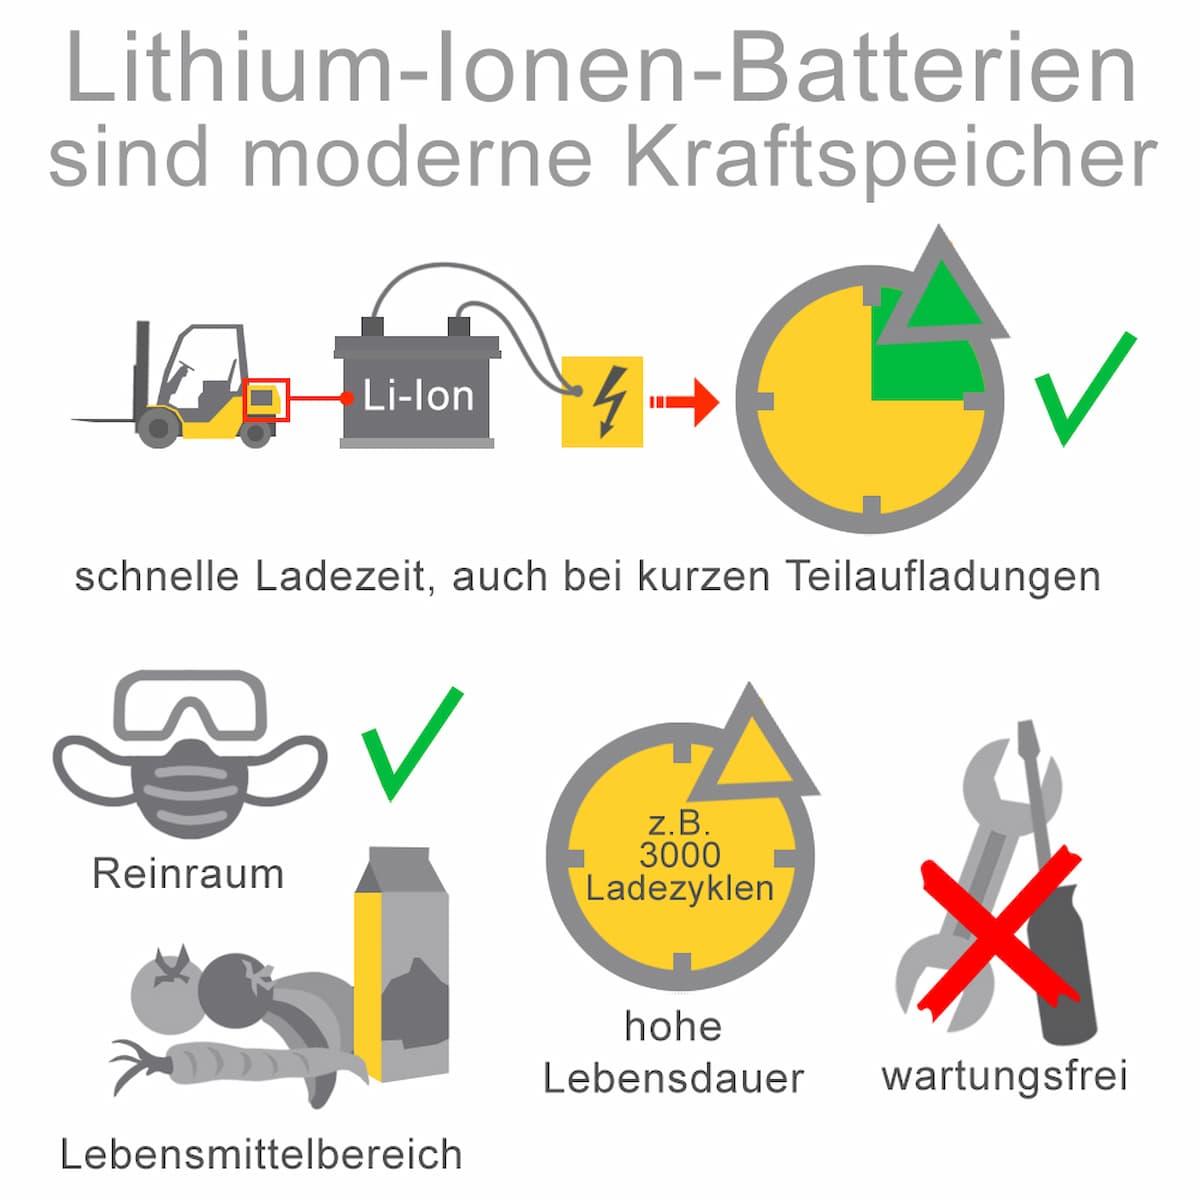 Lithium-Ionen-Batterien sind moderne Kraftspeicher